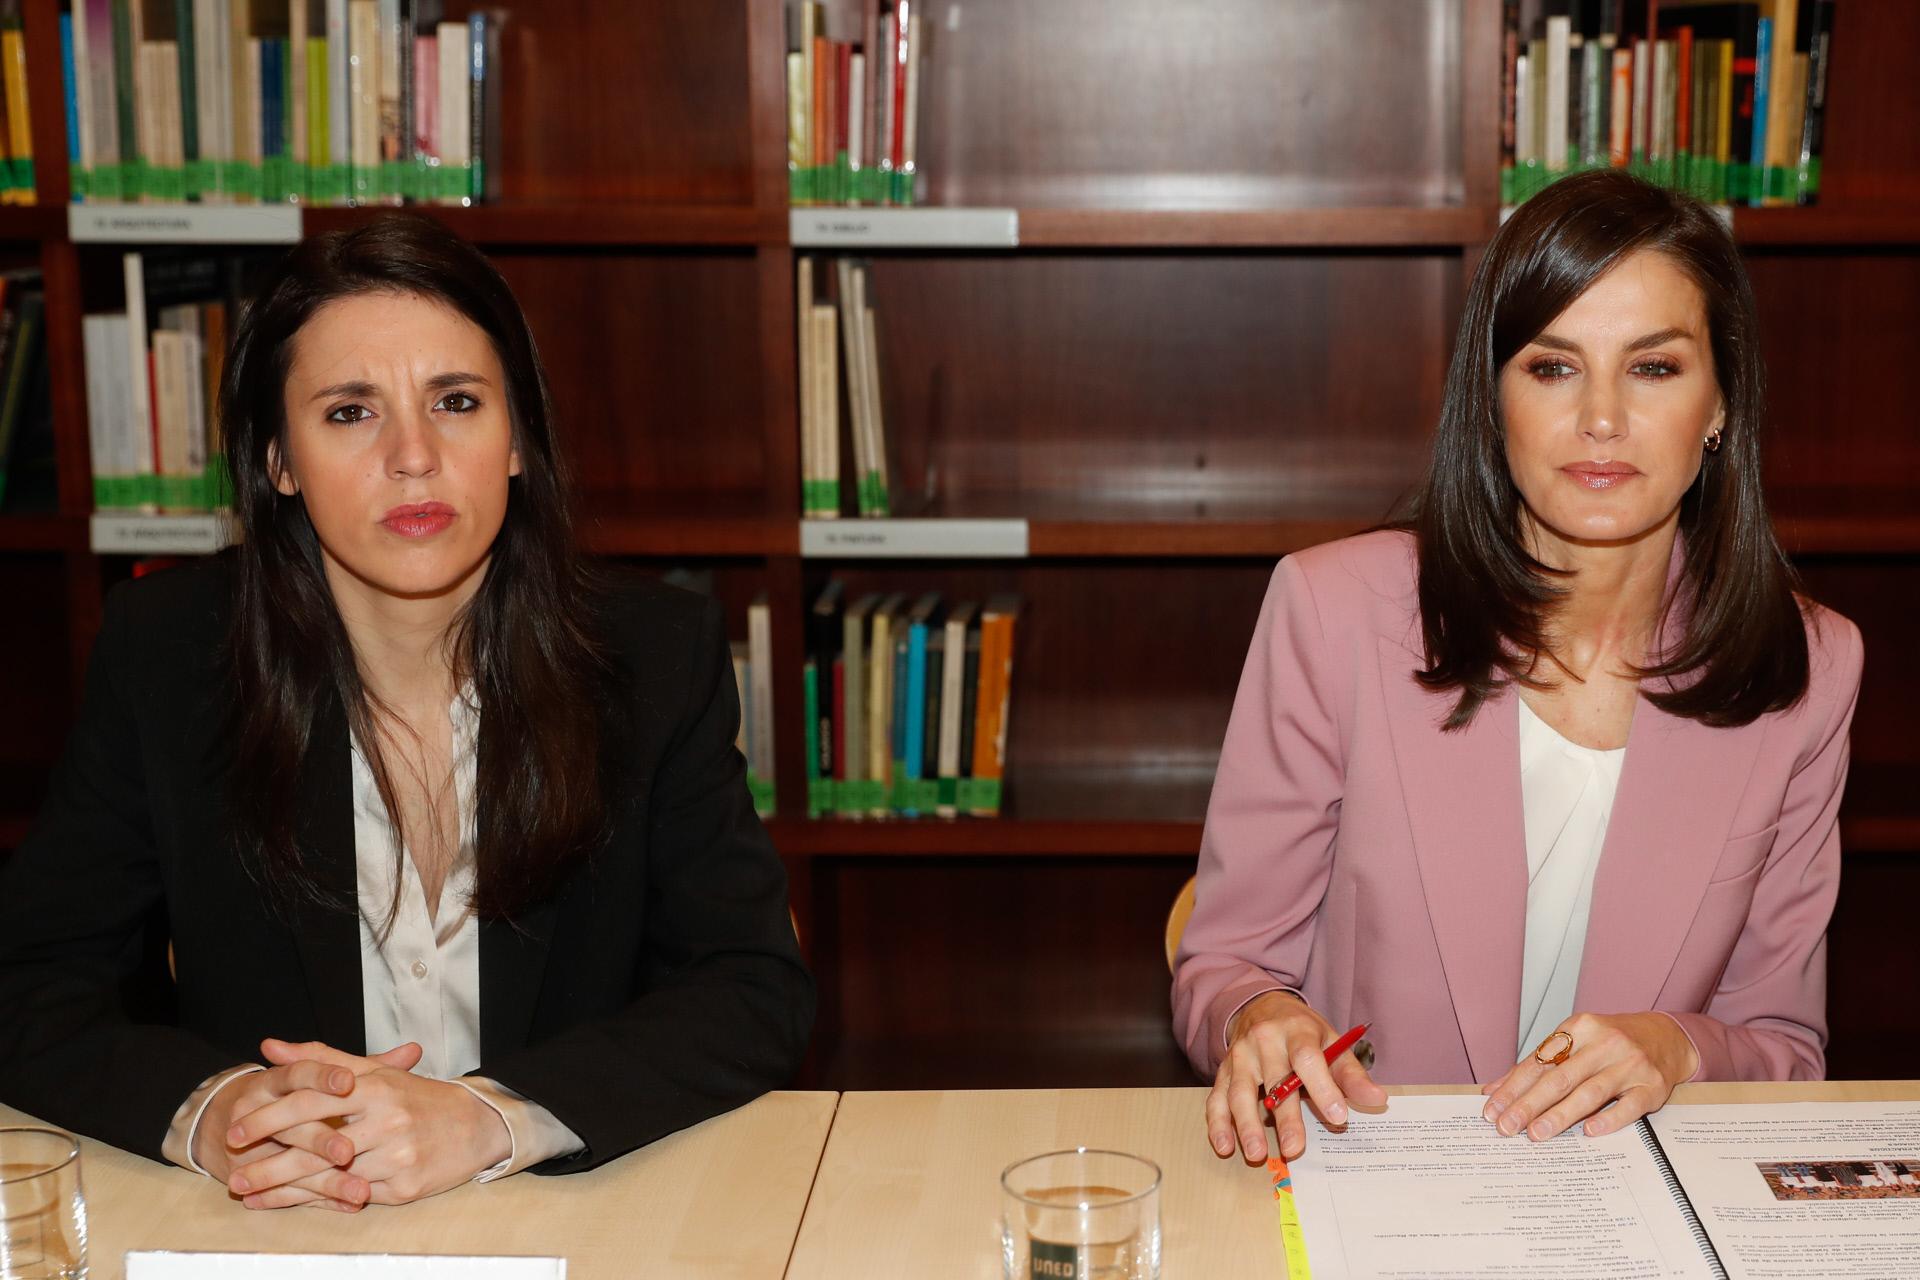 La 'feministra', el año pasado contagiada de covid junto a Letizia.